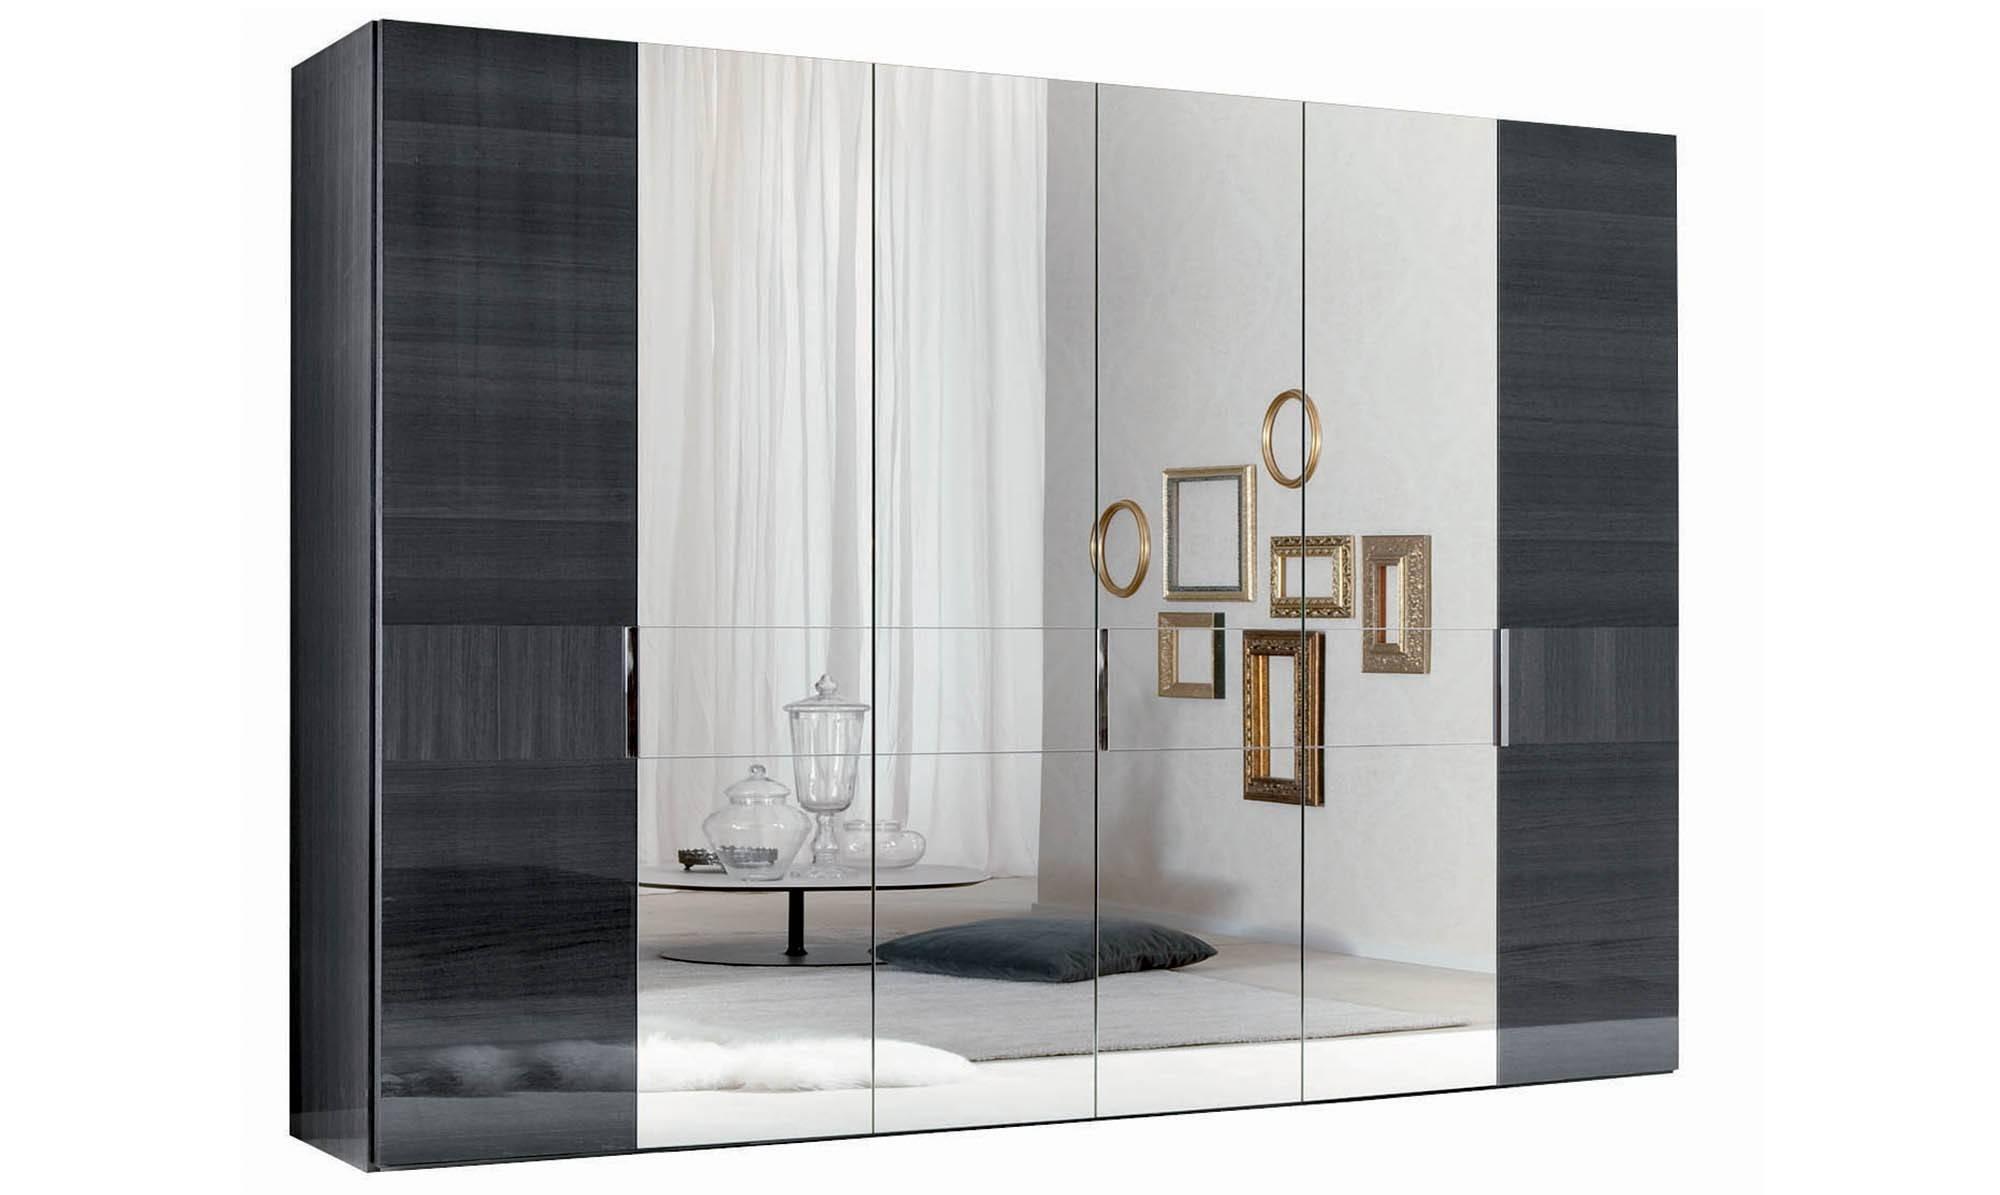 Black Wardrobe With Mirror, Black Wardrobes Woodys Furniture With Black Gloss Mirror Wardrobes (Photo 3 of 15)